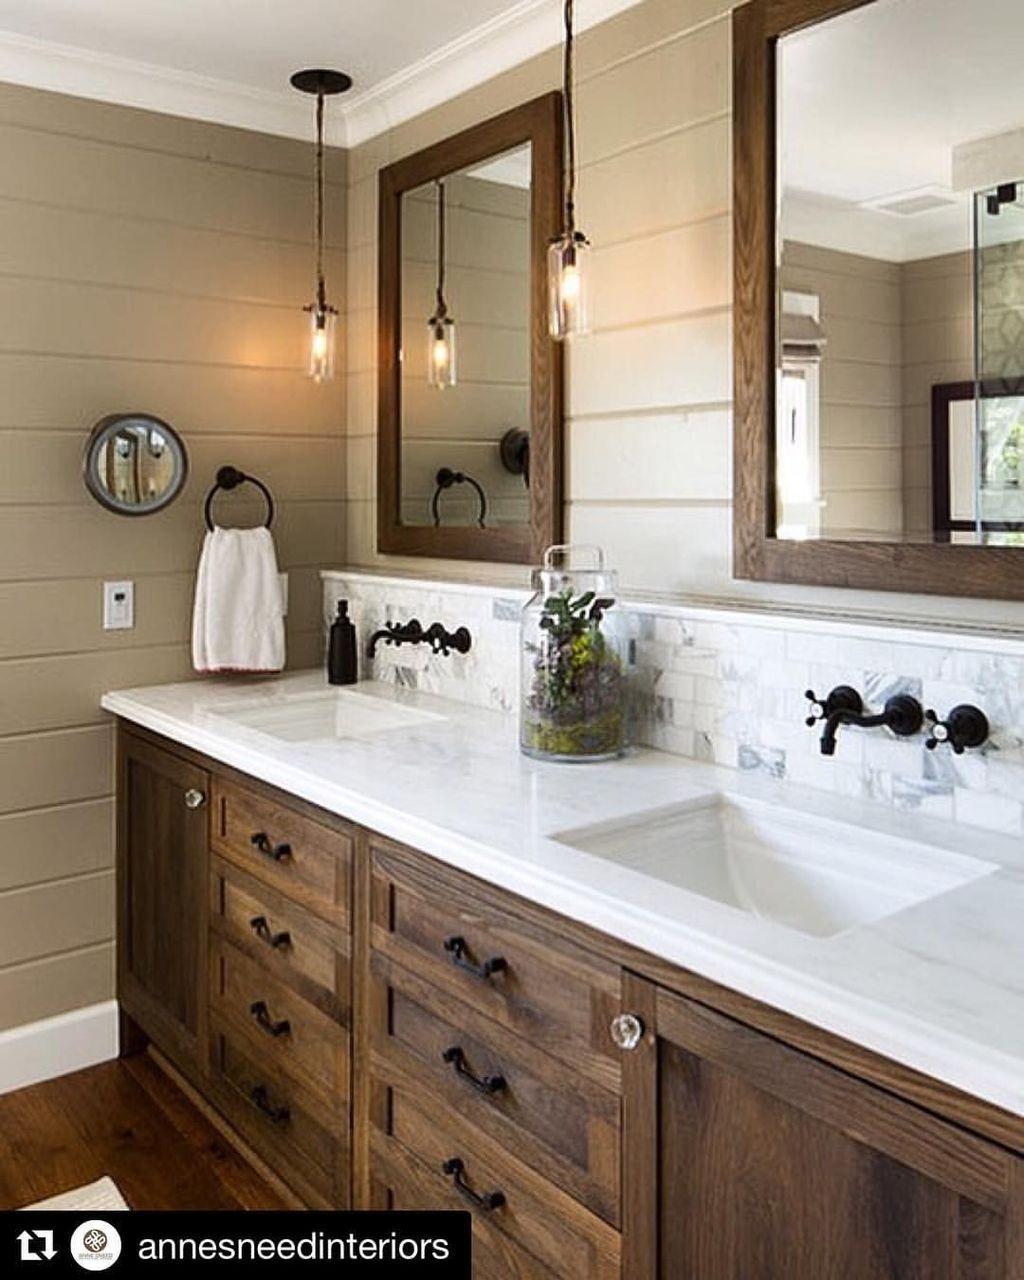 48 Simple Master Bathroom Renovation Ideas Bathroom Remodel Master Bathrooms Remodel Bathroom Design